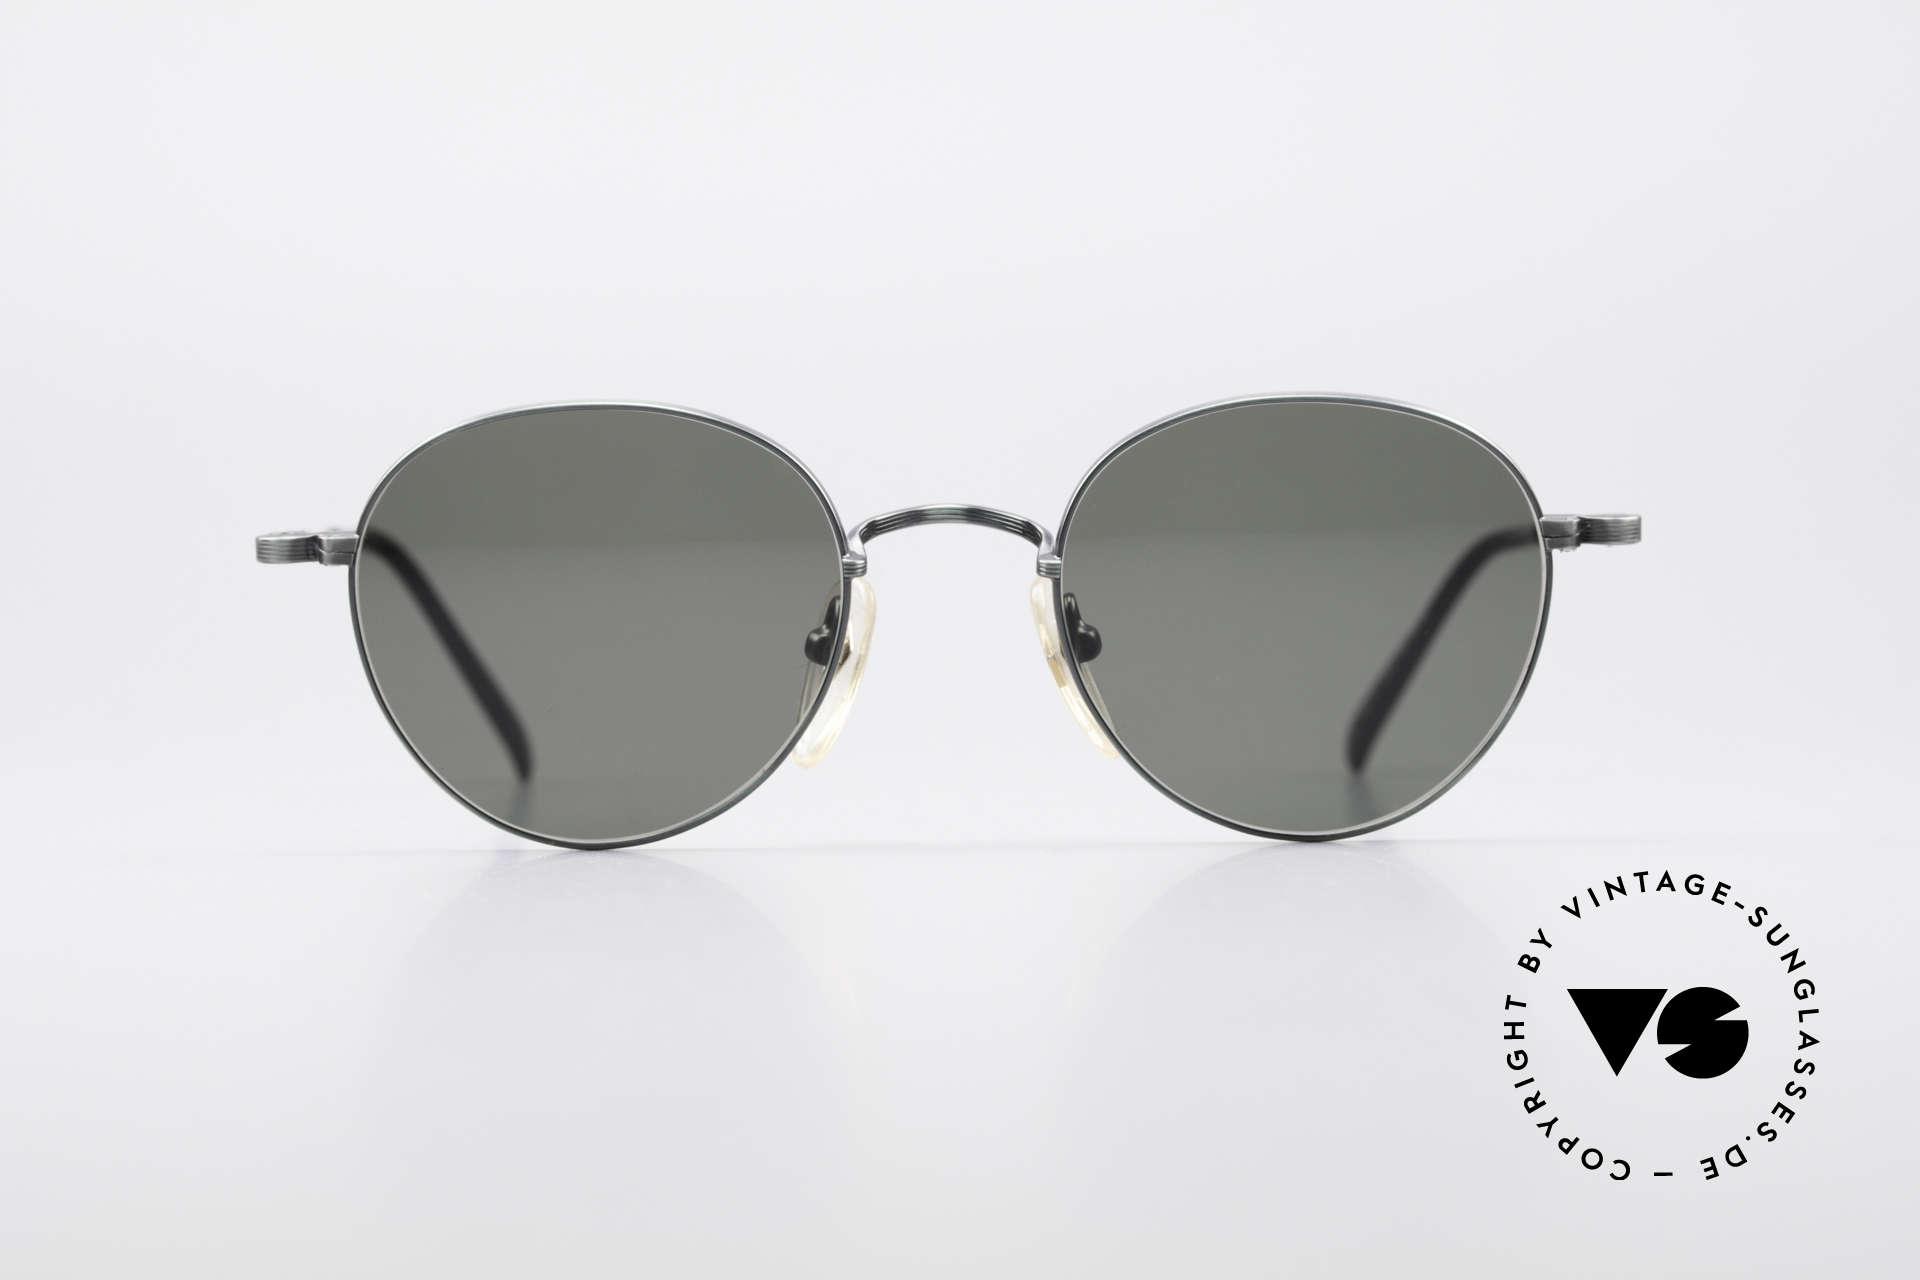 Jean Paul Gaultier 55-1174 Runde Designer Sonnenbrille, einzigartige Rahmenlackierung: 'metallic smoke green', Passend für Herren und Damen